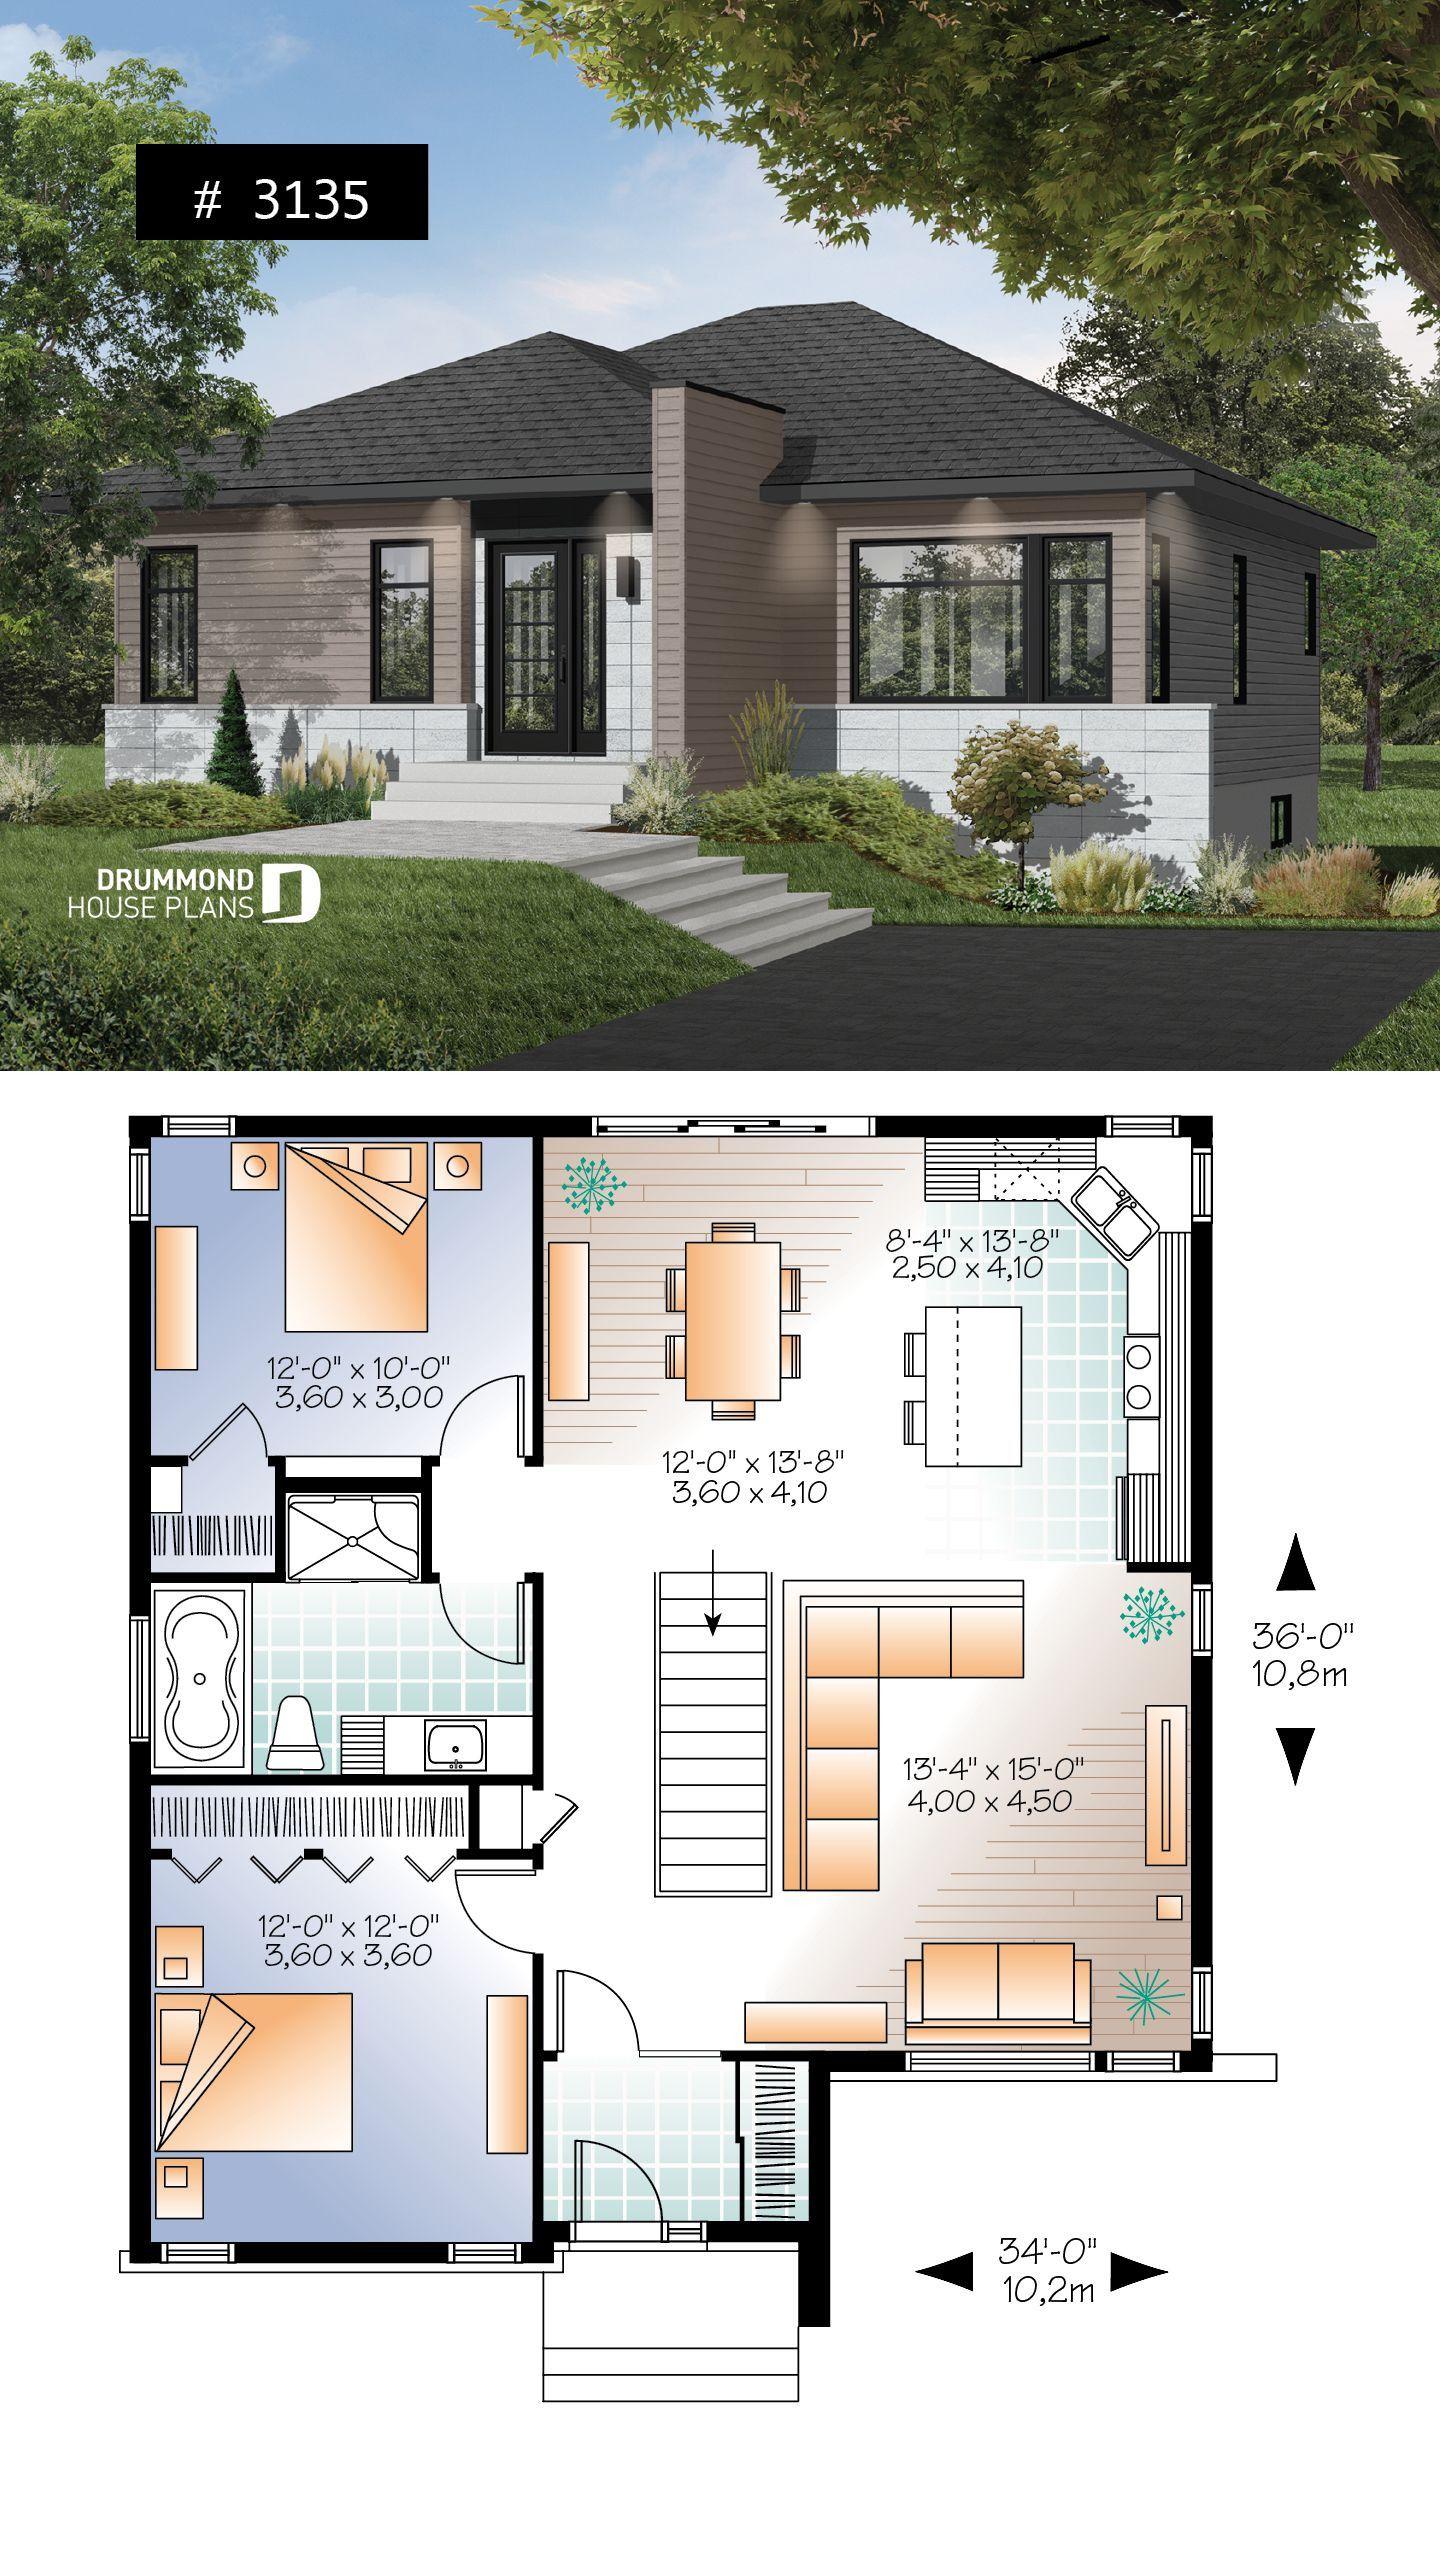 Modern Open Concept House Plans 2021 Desain Arsitektur Arsitektur Arsitektur Rumah